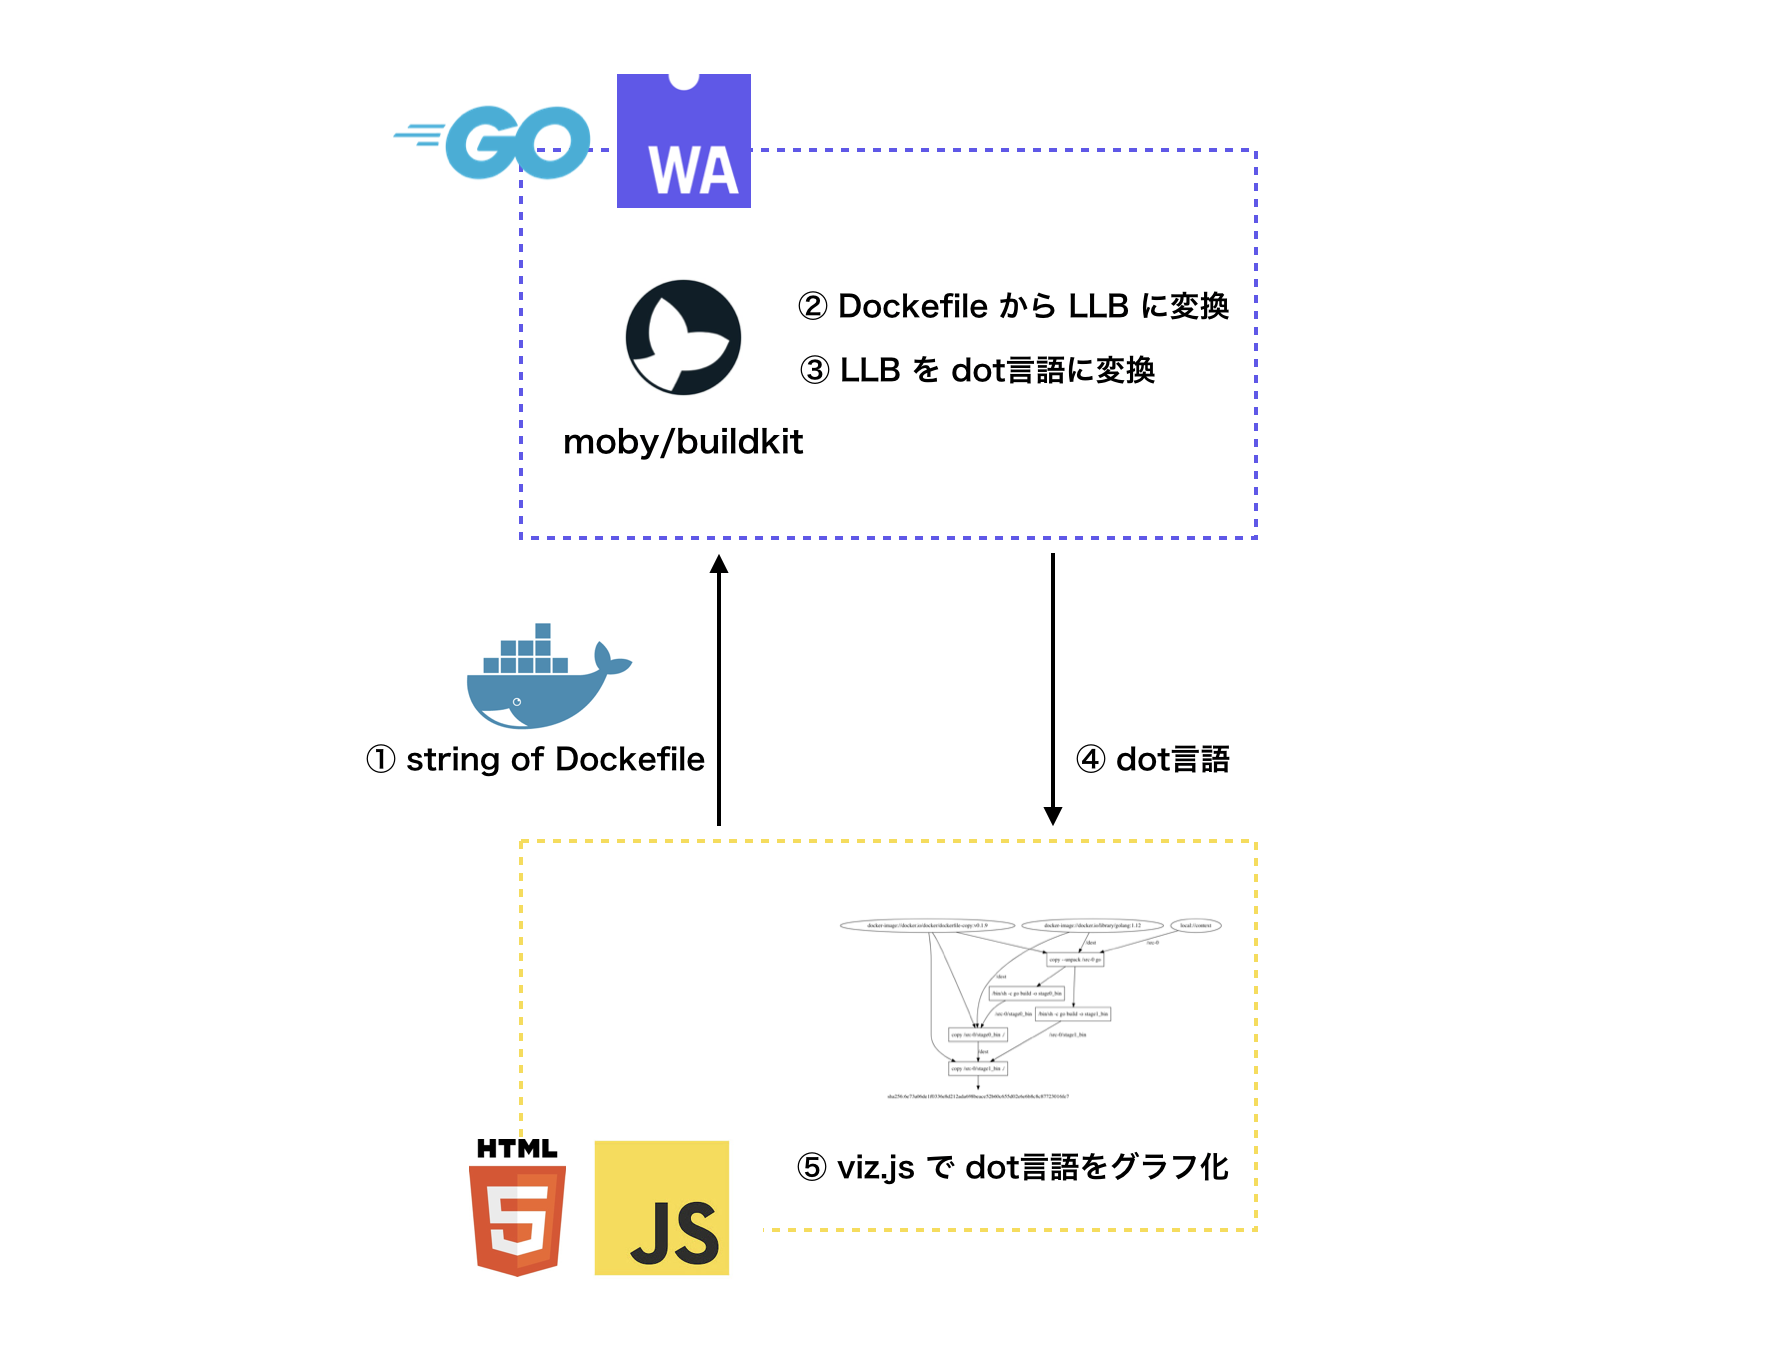 Go + WebAssembly に入門して Dockerfile の依存グラフを図にしてくれるサービスを作ったので、知見とハマりポイントを共有します。